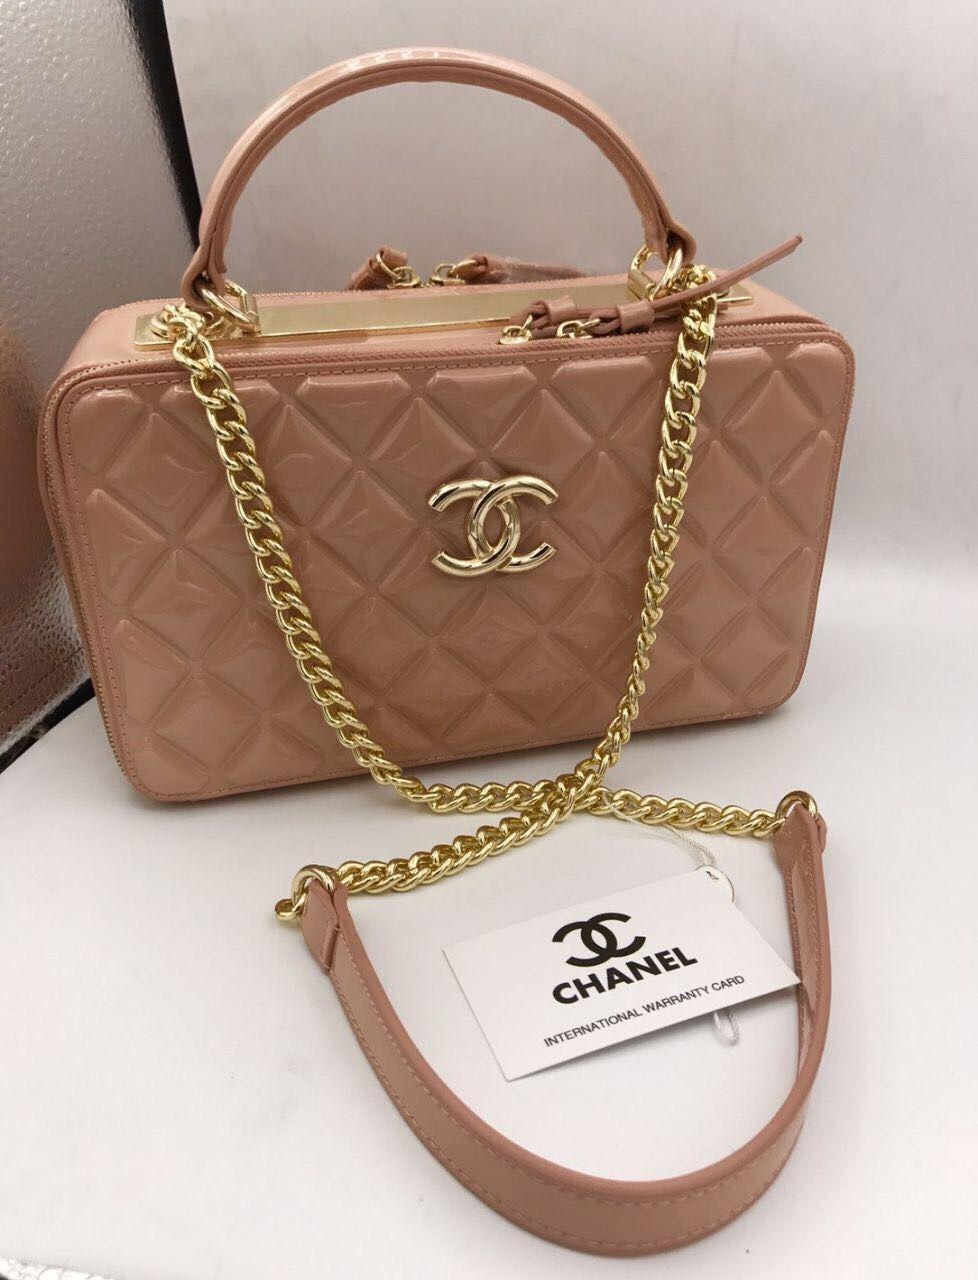 معلومات عن الاإعلان متجر متنوع مناسب لجميع الأدواق وبأسعار جميله Wed6152 Bags Chanel Top Handle Bag